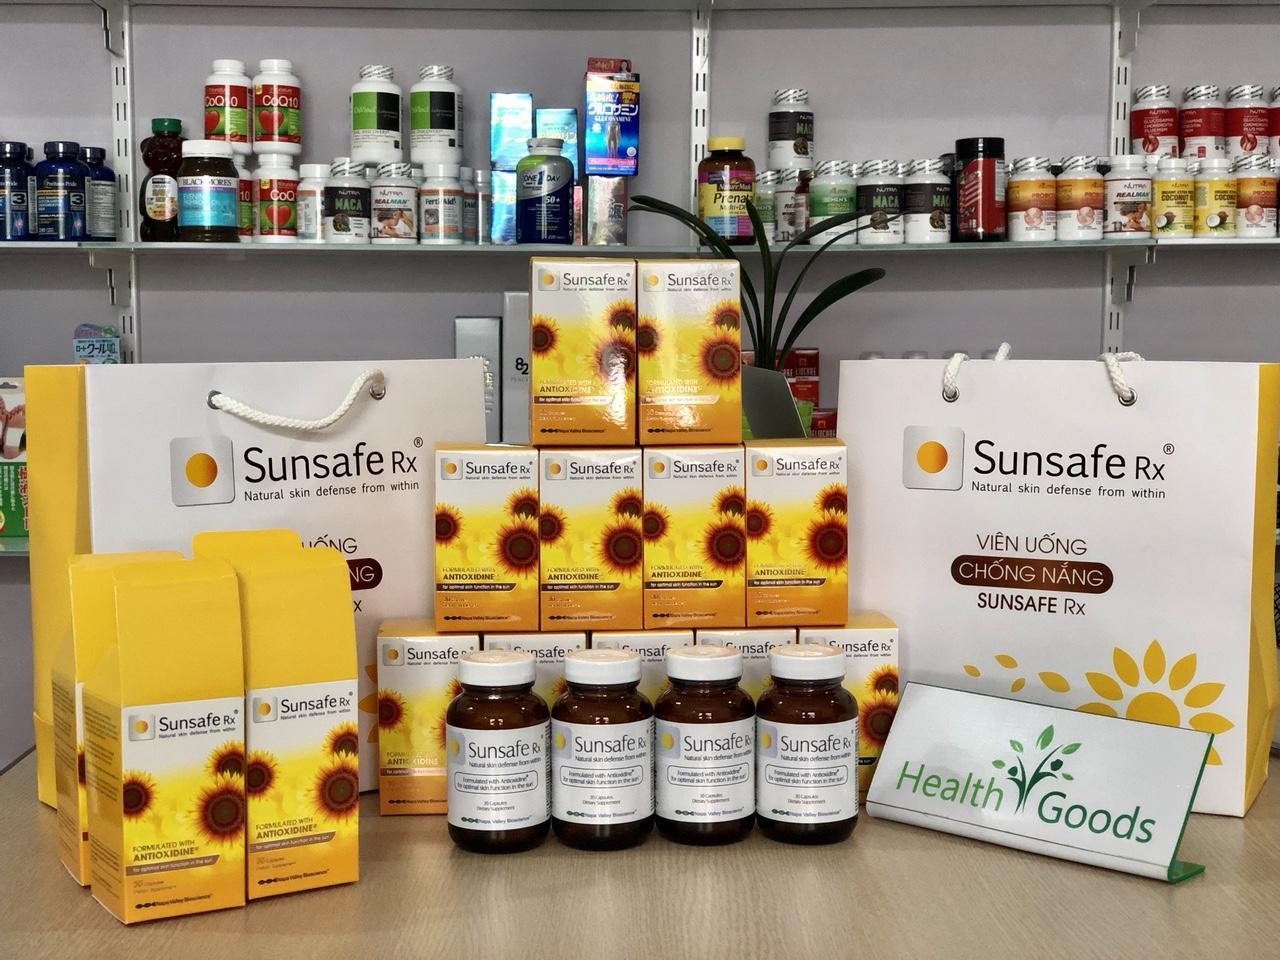 Viên uống chống nắng Sunsafe Rx 30 viên